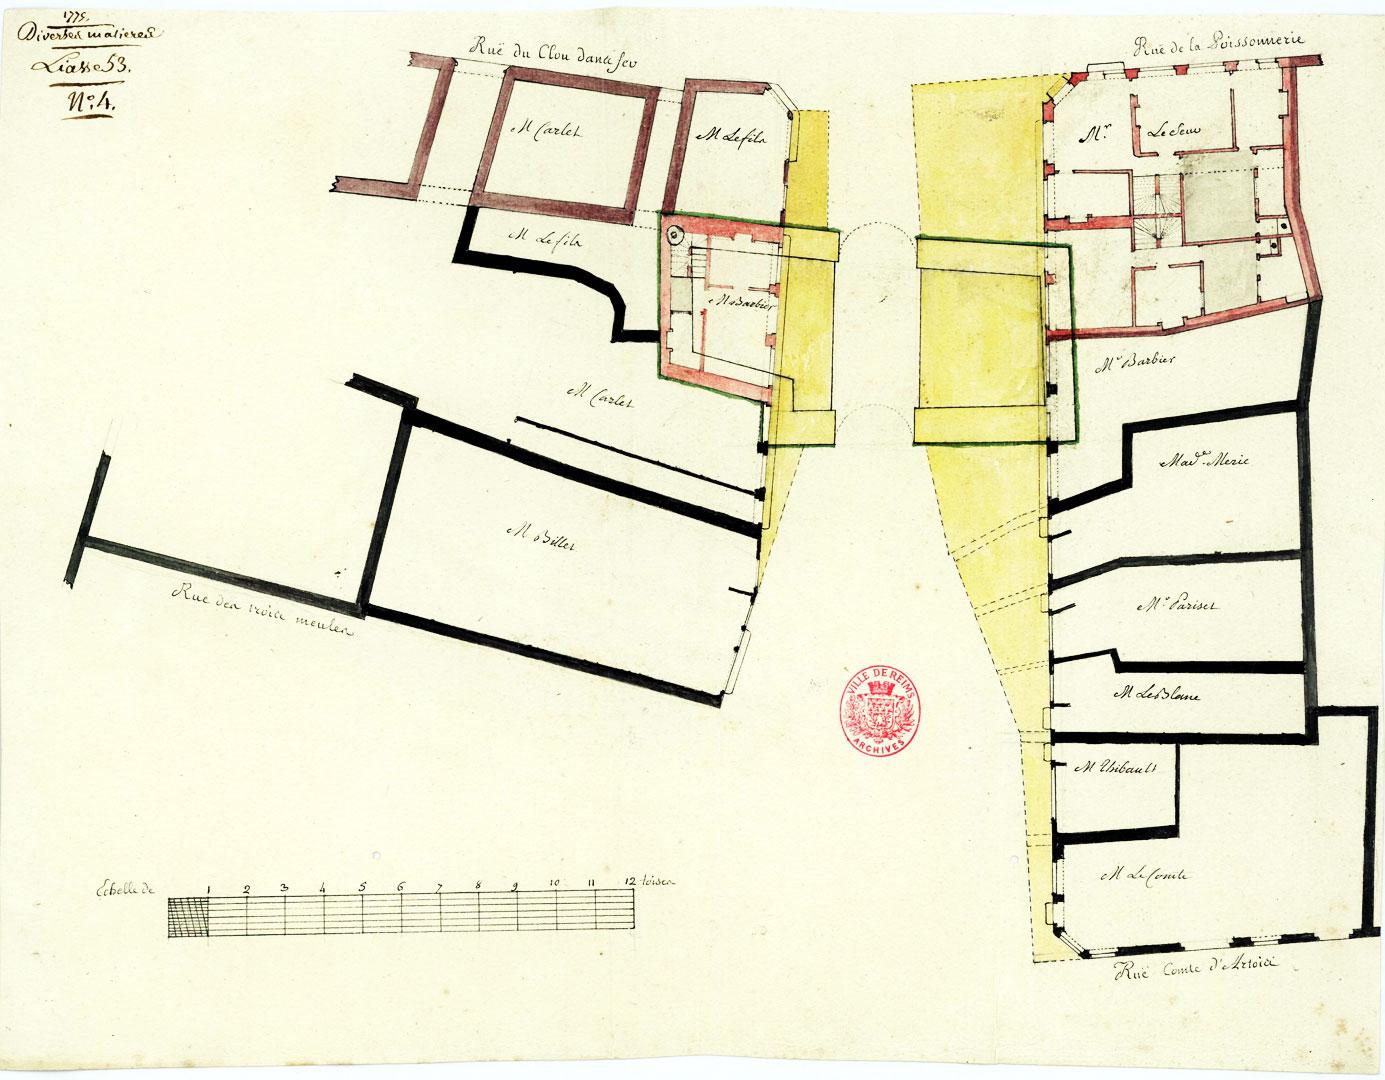 Plan de la porte saint denis et dune partie de maison lavée en jaune que lon propose de supprimer pour élargir le passage trop étroit 1775